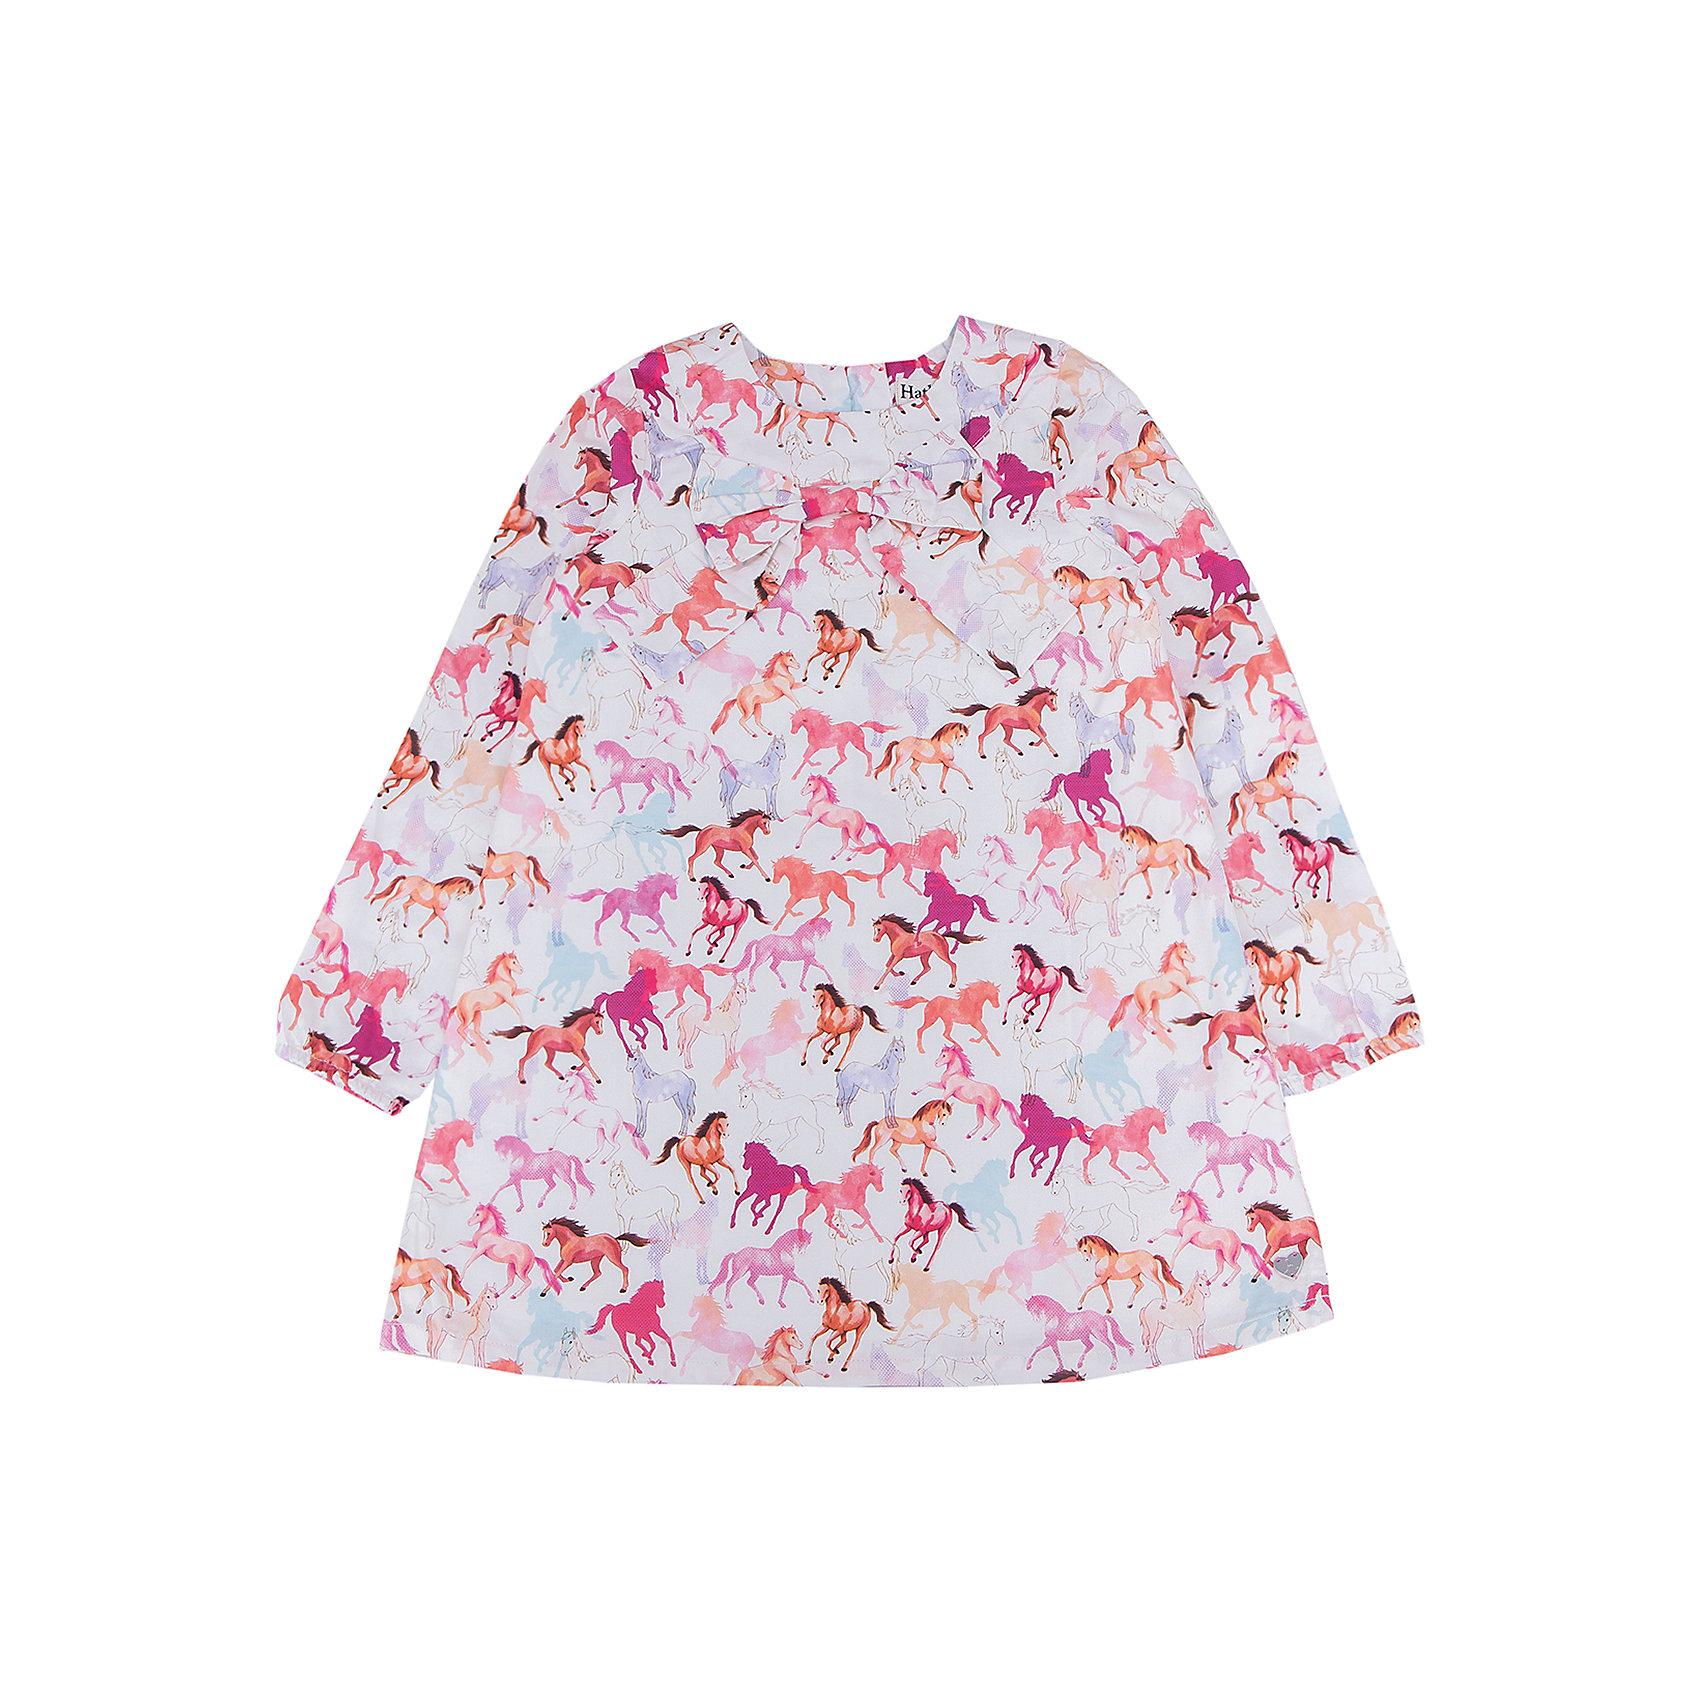 Hatley Платье для девочки Hatley gaialuna платье для девочки ge531249 белый gaialuna